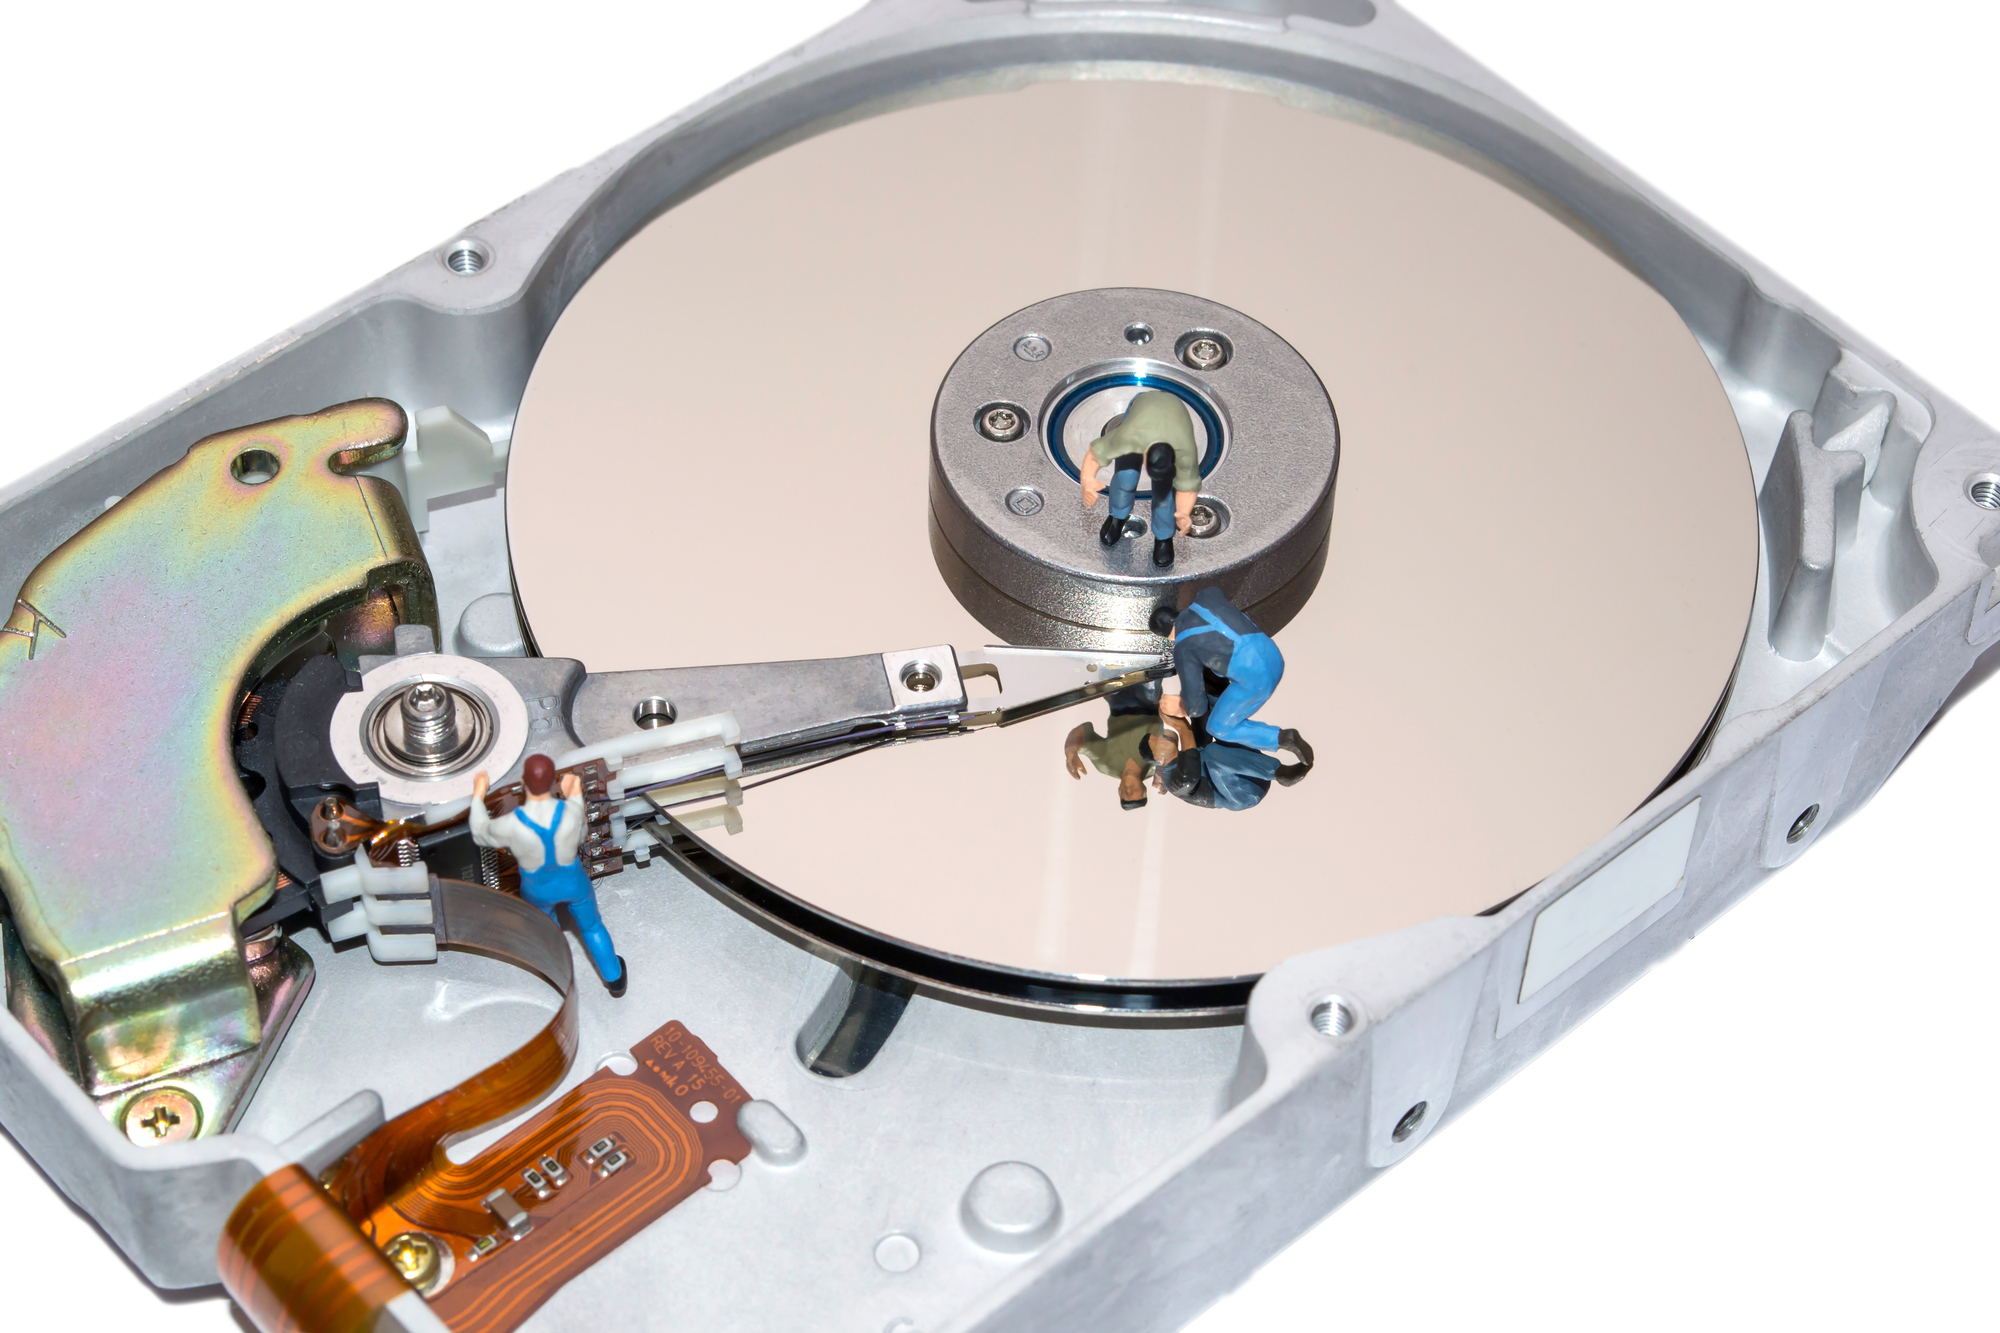 Odzyskiwanie danych z nośnika danych darmowe programy a praca fachowca.